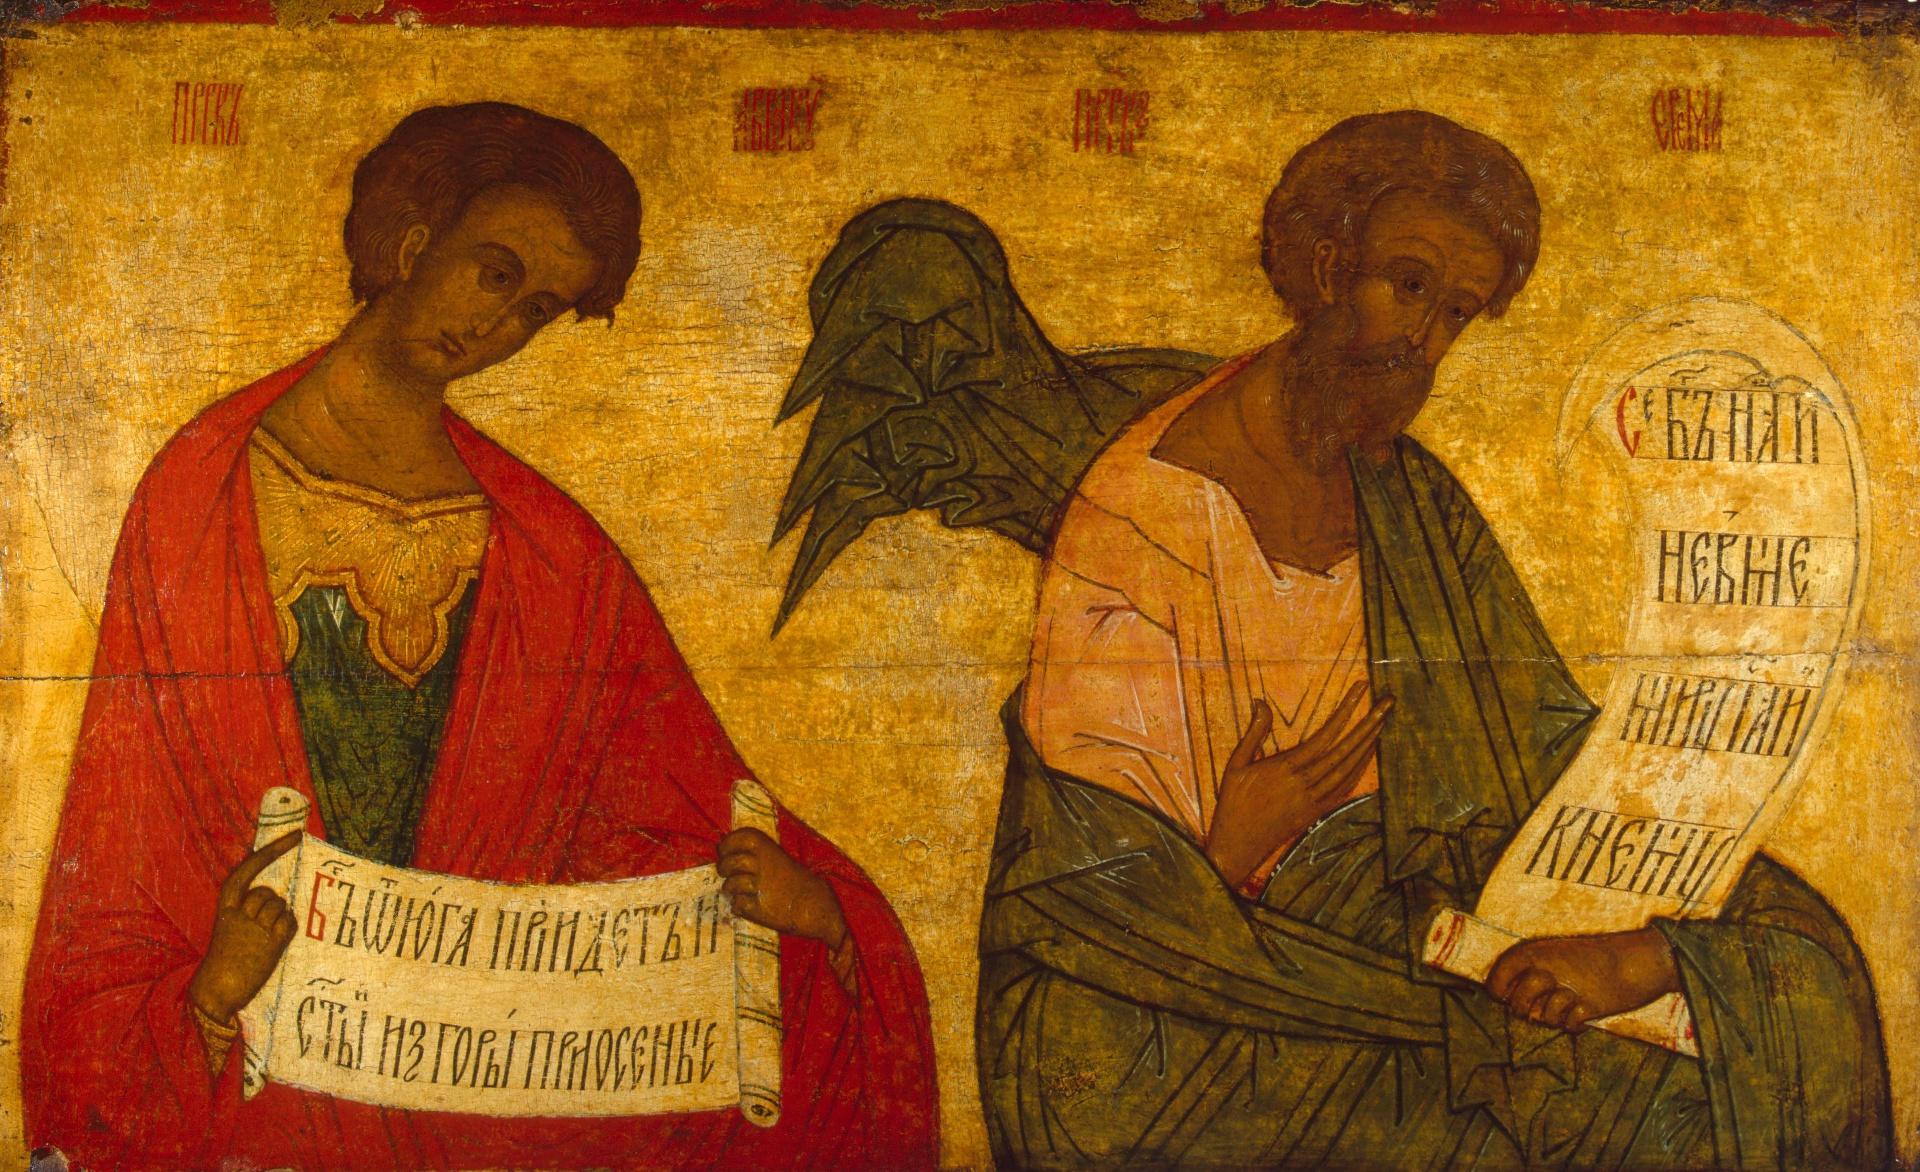 Древнерусская живопись.Пророки Иеремия и Аввакум.конец 15 в